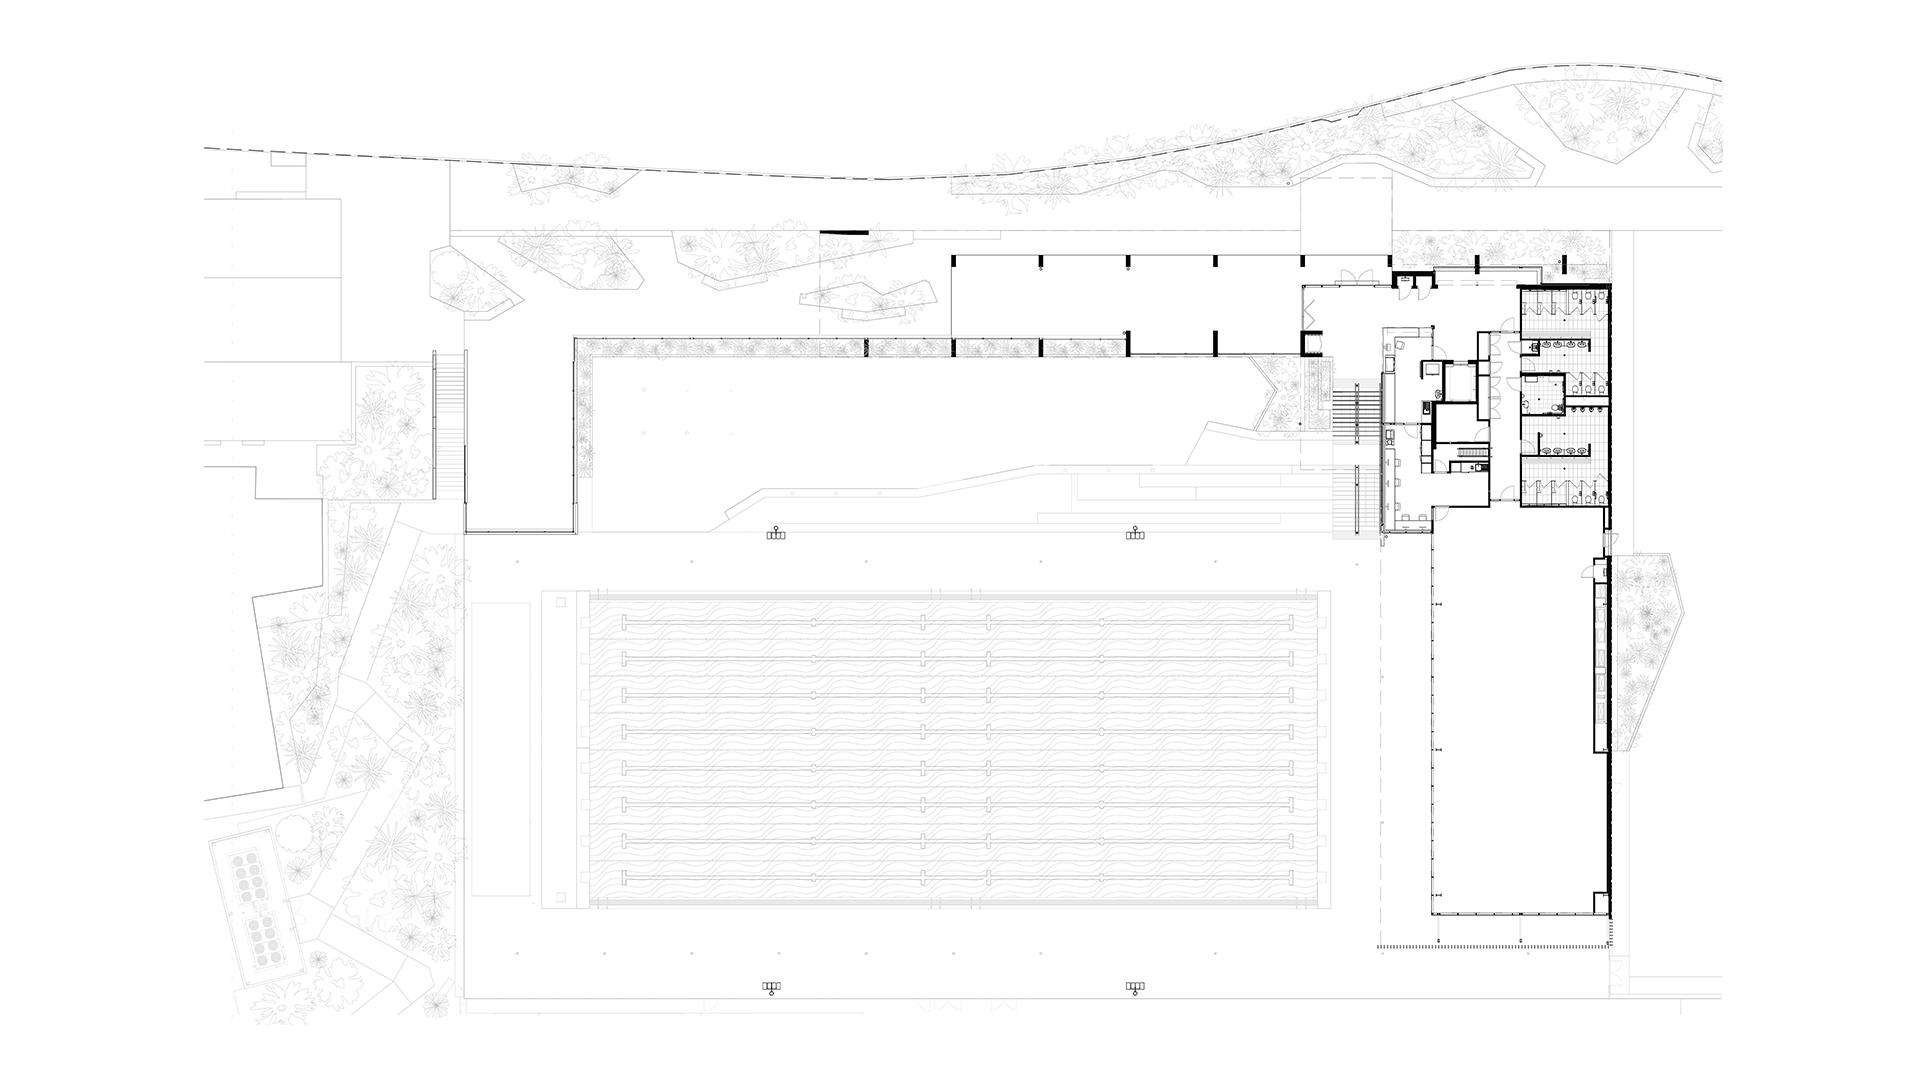 Griffith University Aquatic Centre Plan